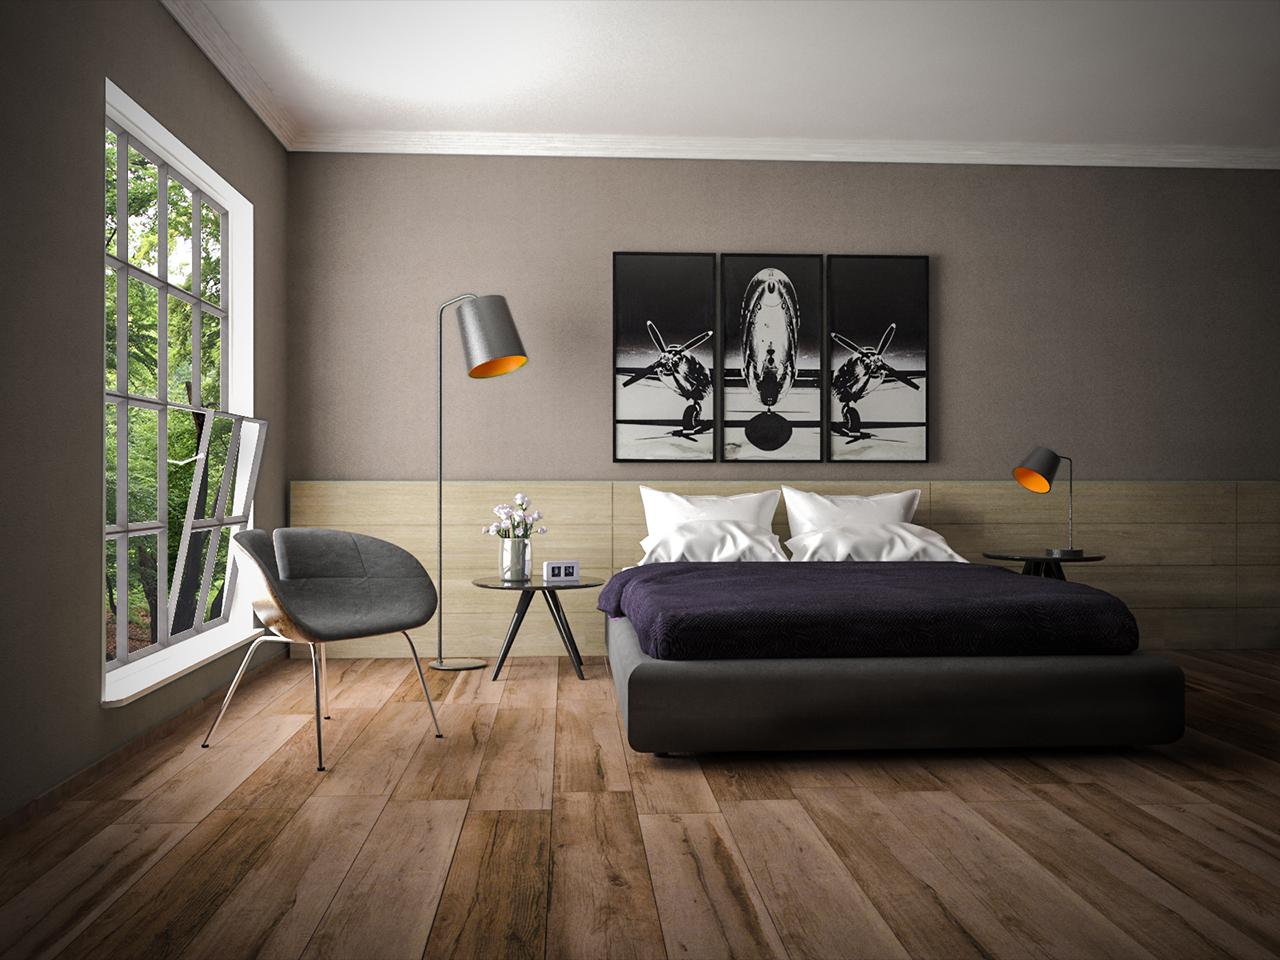 Innenraumvisualisierung-Schlafzimmerszene